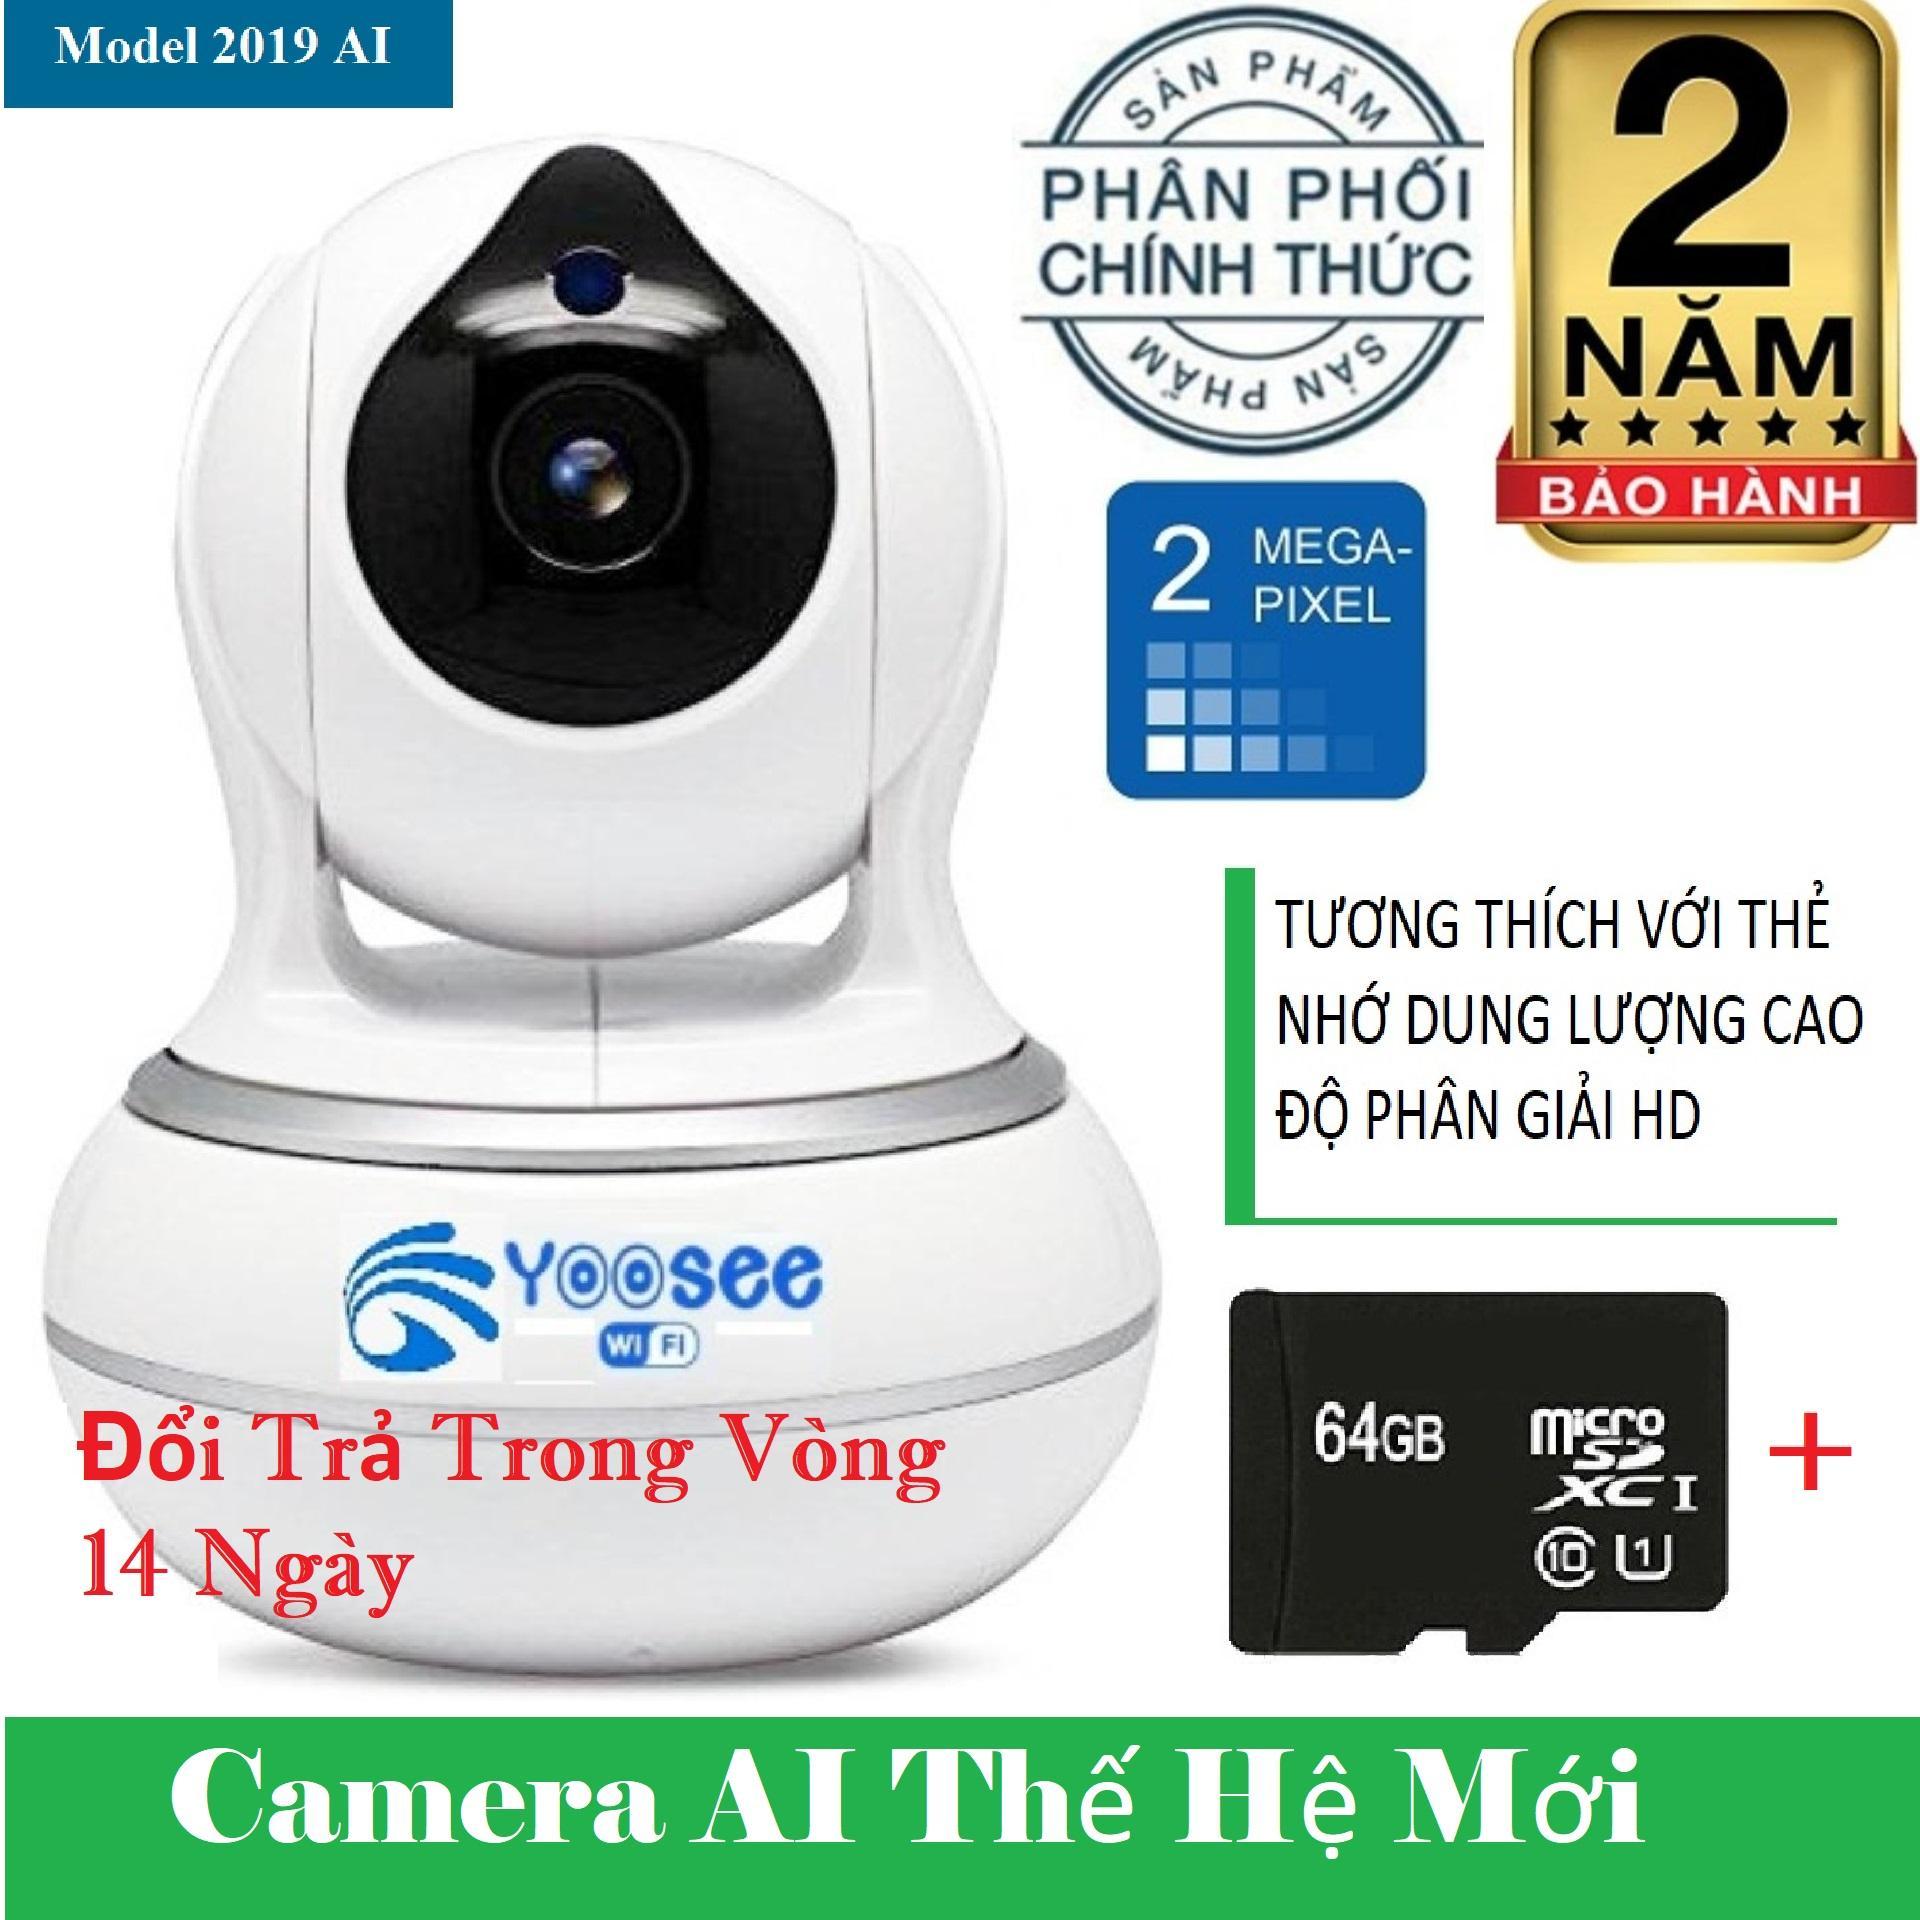 (BH 24 tháng cả máy lẫ thẻ,TẶNG THẺ NHỚ 64GB YOOSEE),Camera yoosee AI 2019,camera ghi âm giọng nói,đàm thoại song phương,lưu trữ video